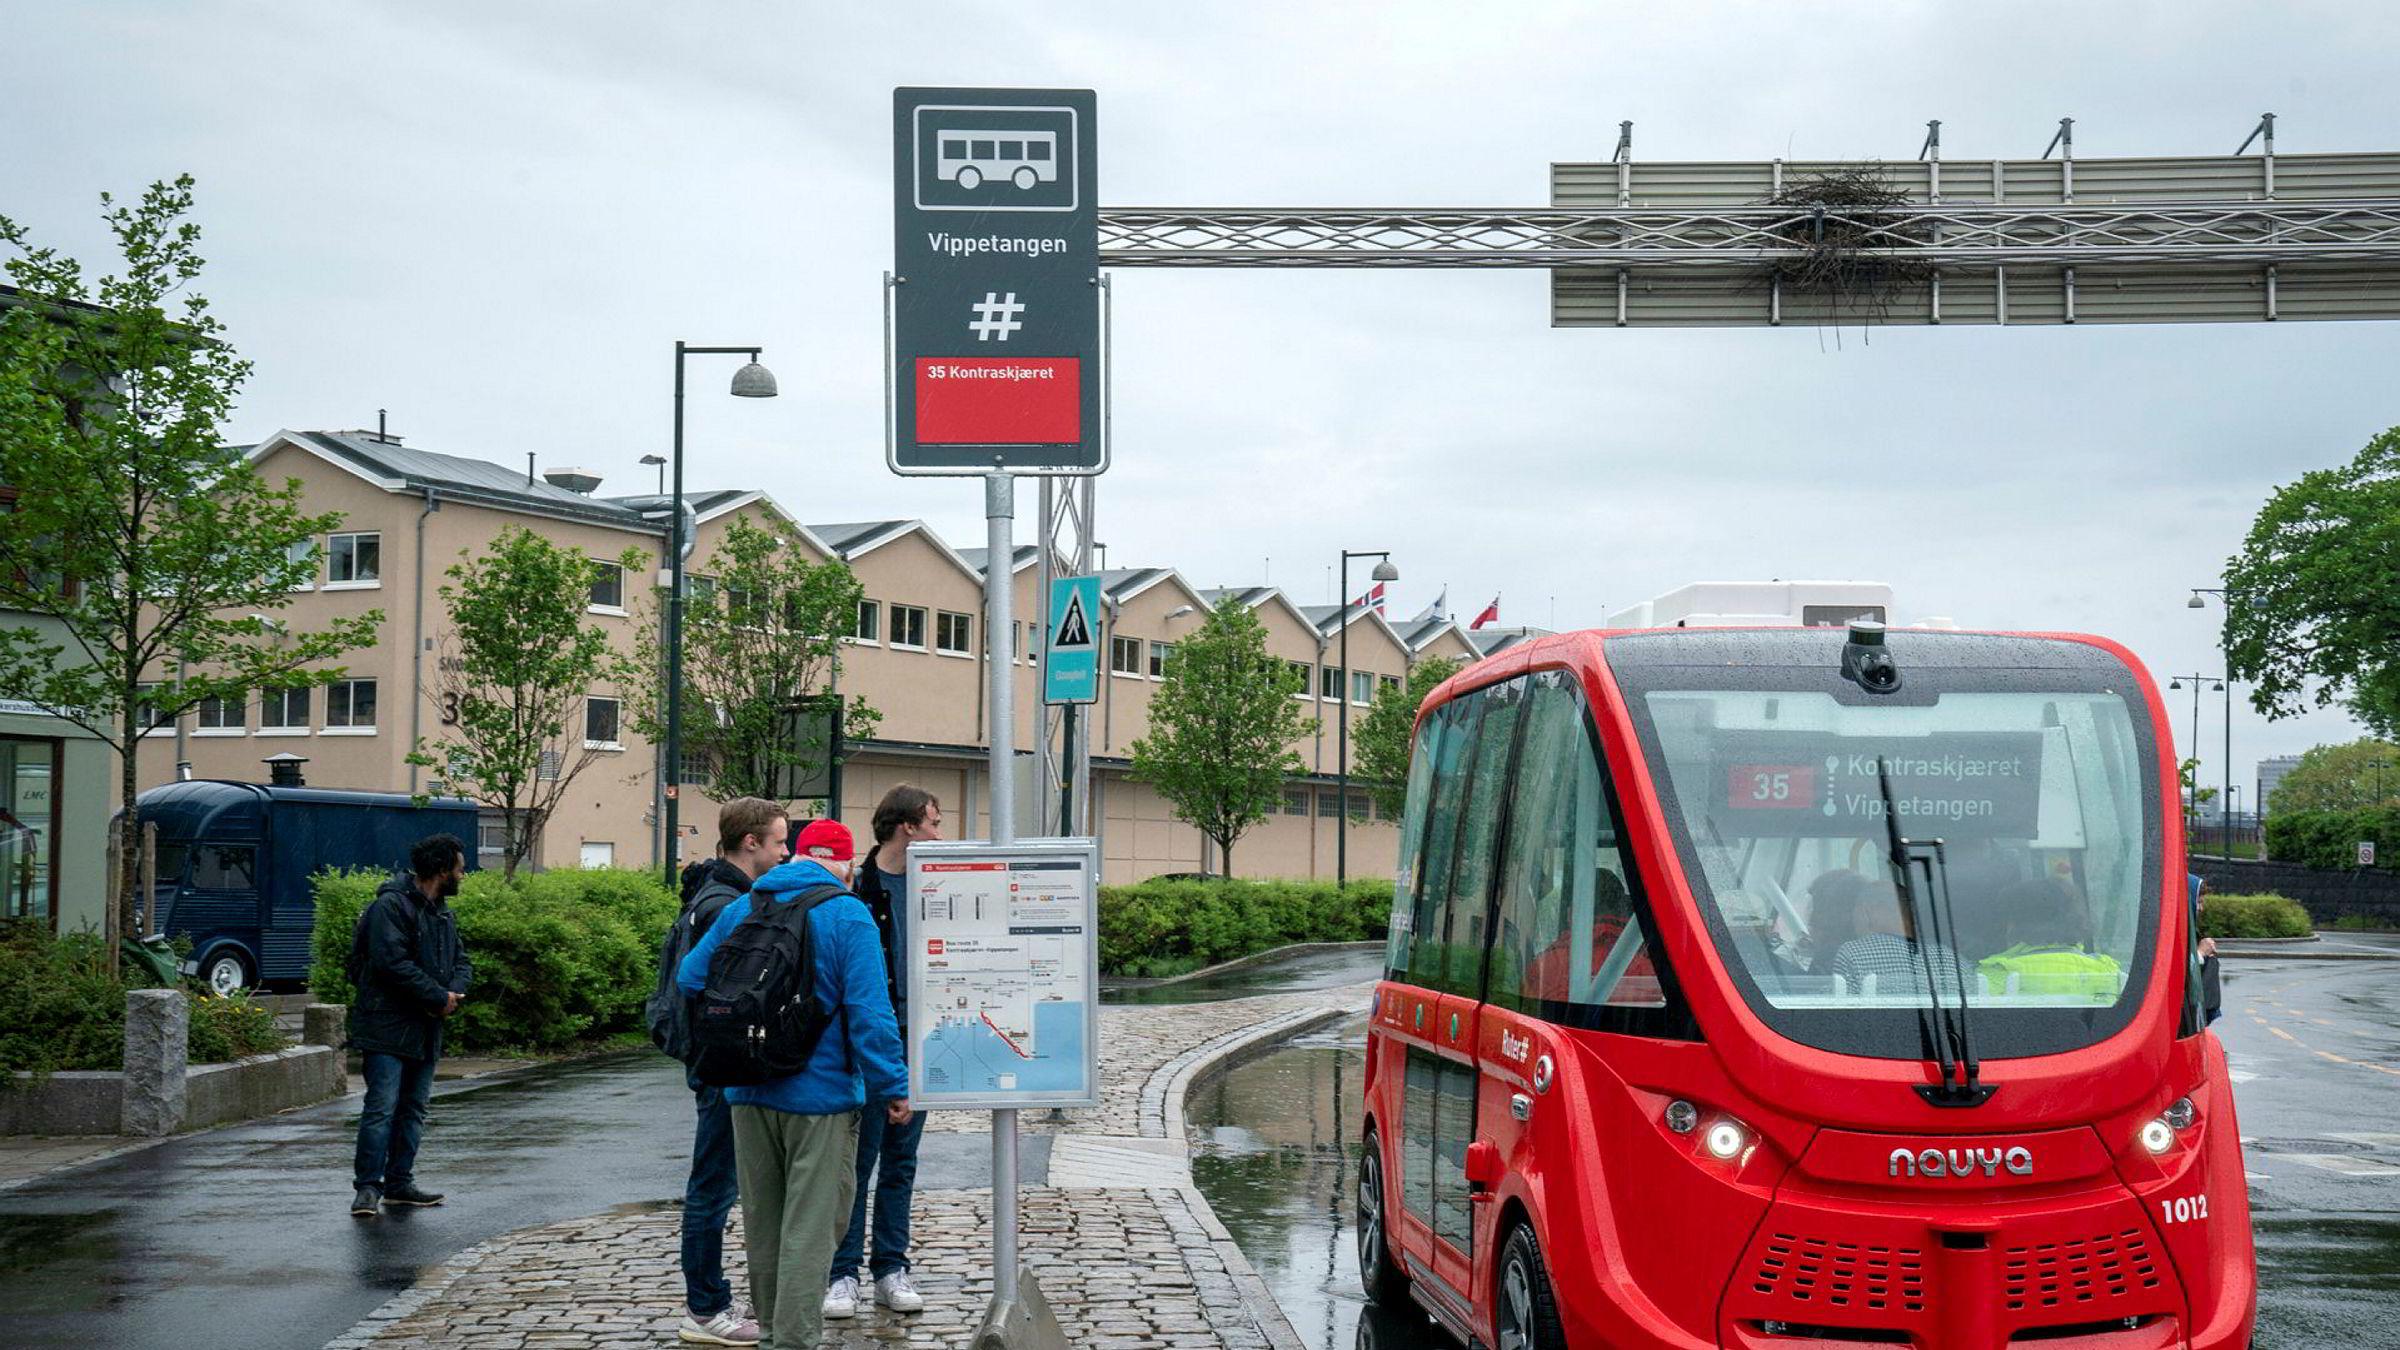 Hvor lite trenger du å vite om noe for å skjønne hva en teknologi er, hva den kan brukes til og hvorfor den er viktig. Her en selvkjørende el-buss i Oslo.